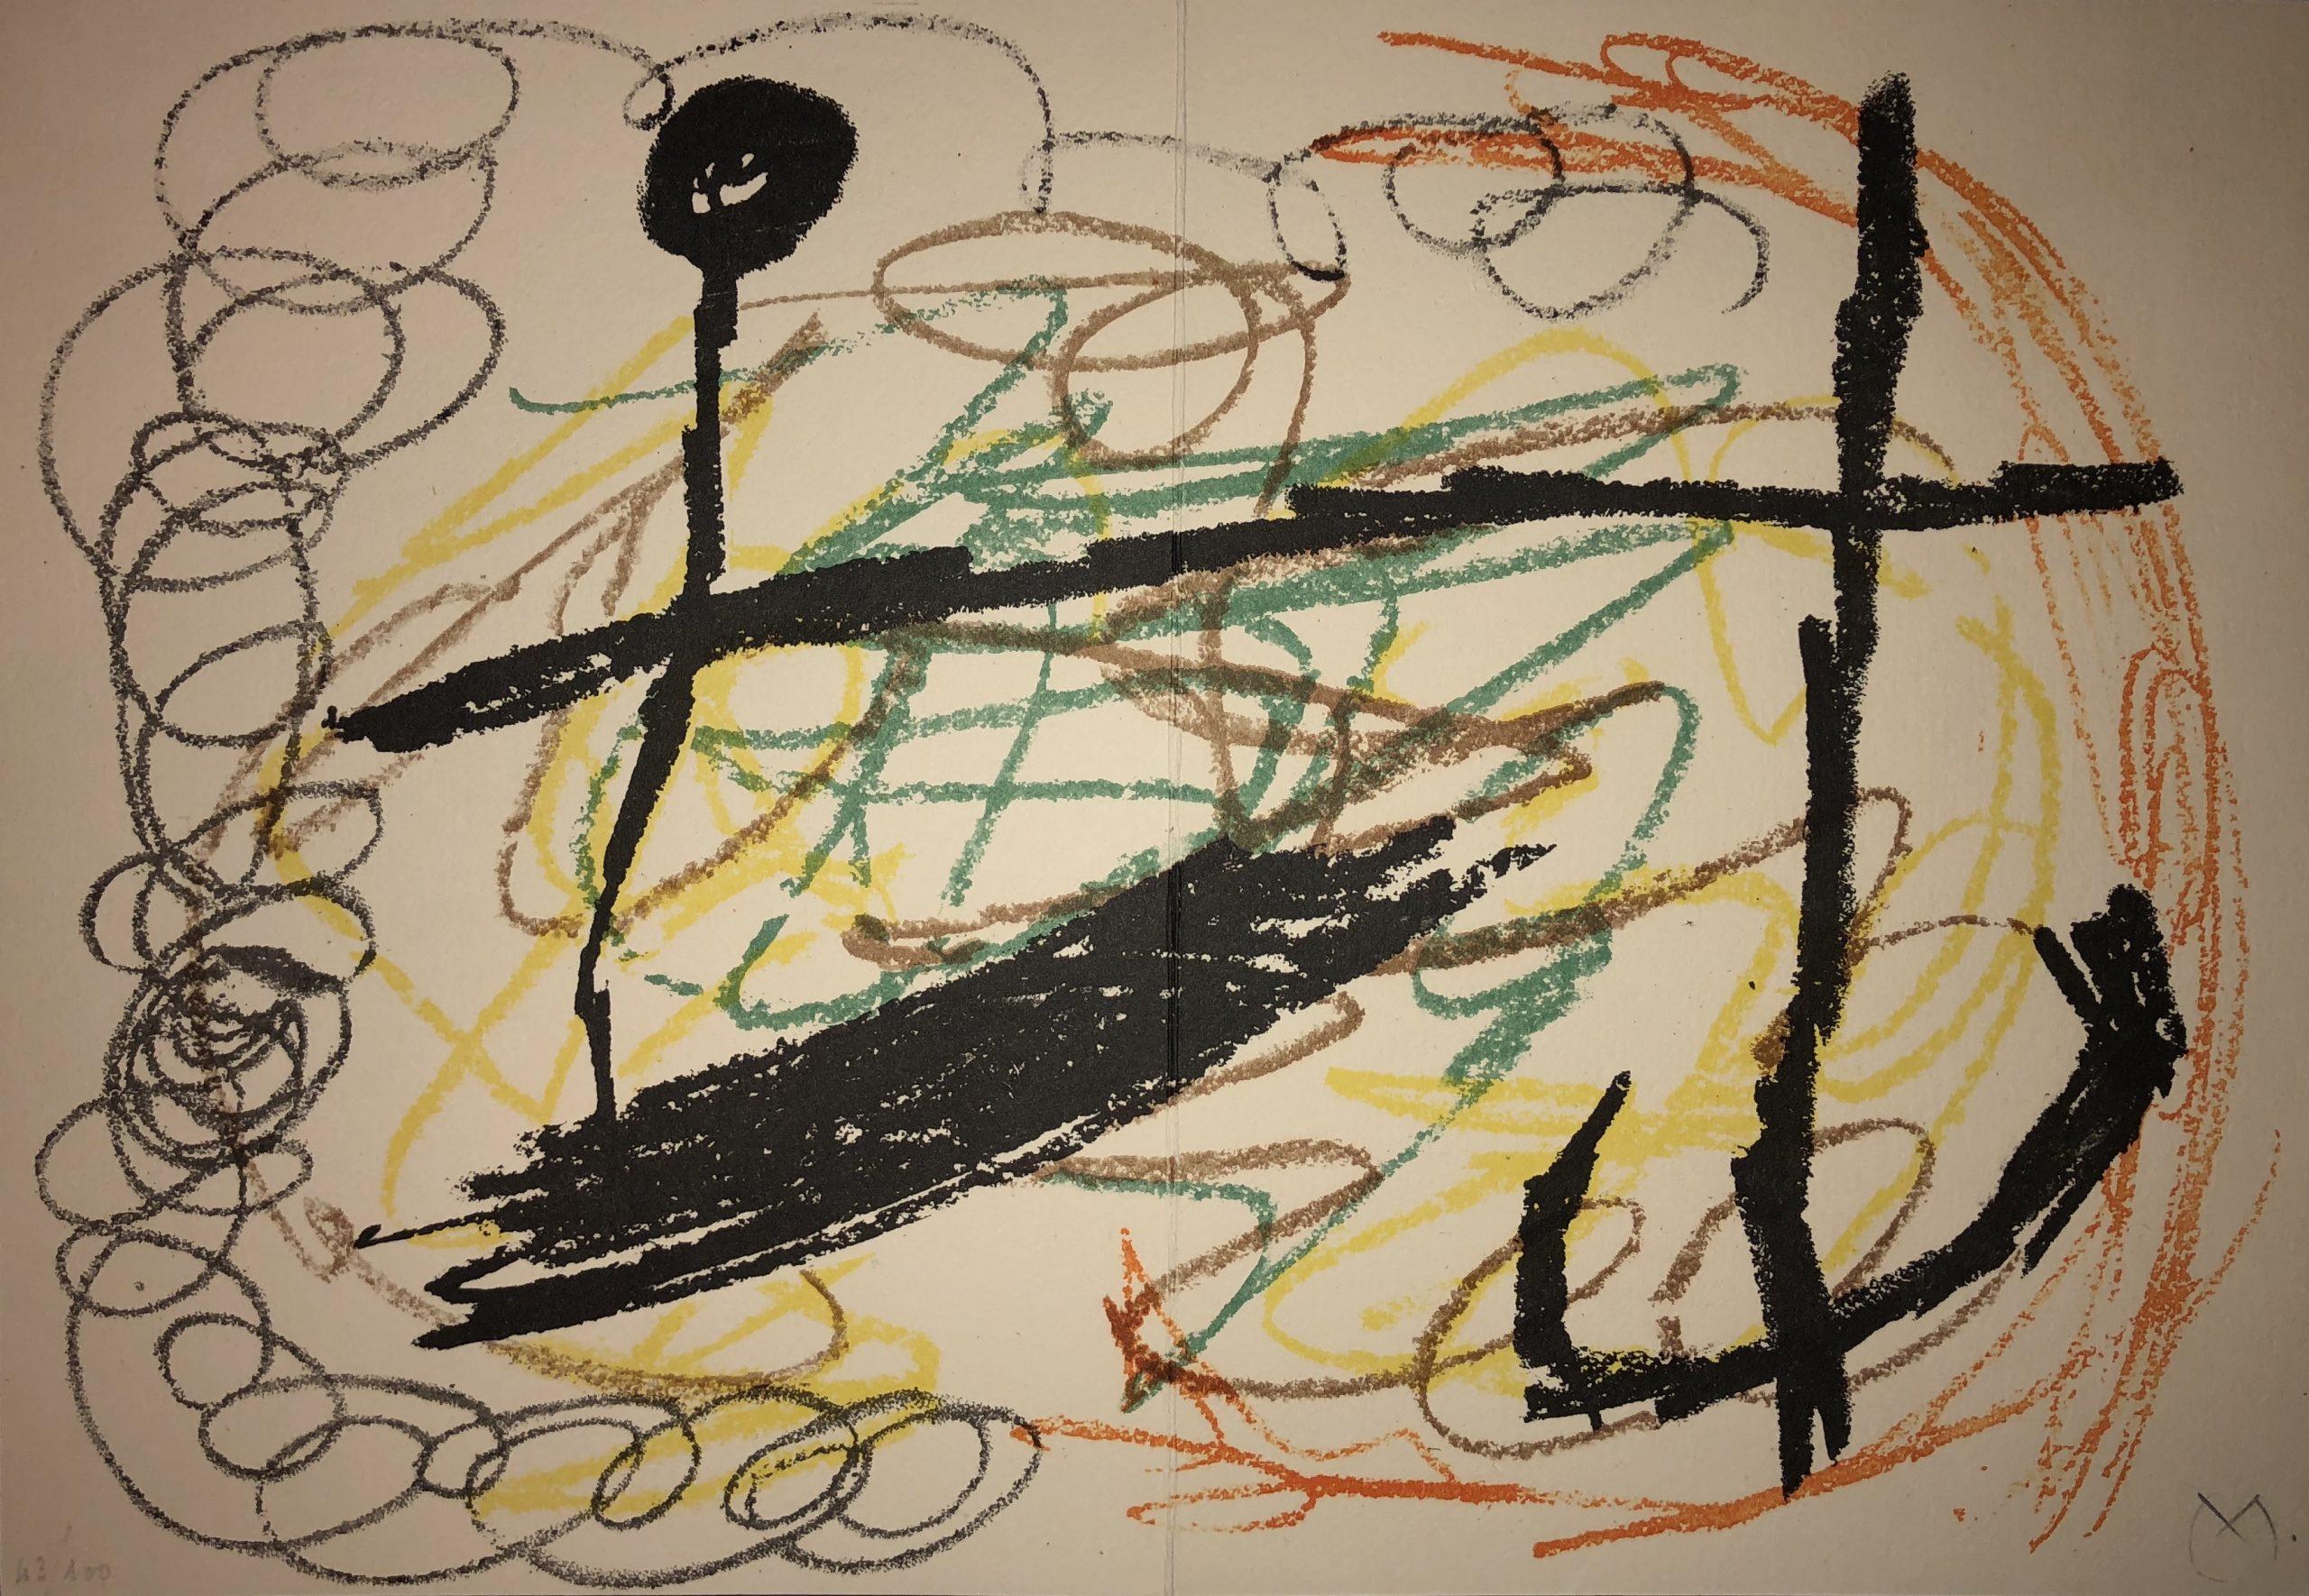 Obra Inedita Recent (plate IX) by Joan Miro